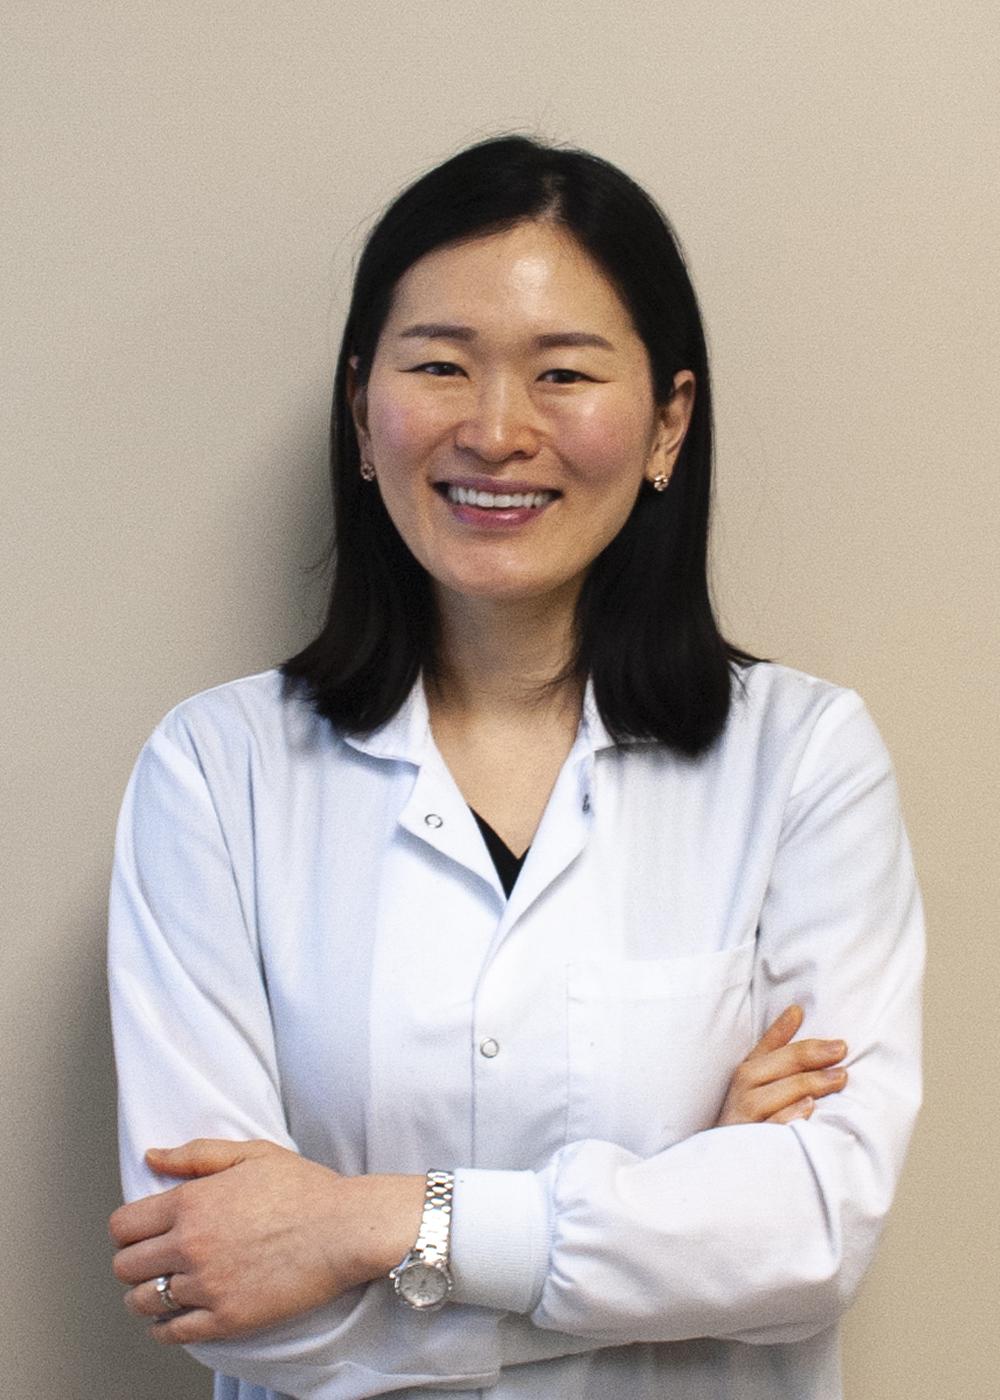 Dr. Yoon Yi